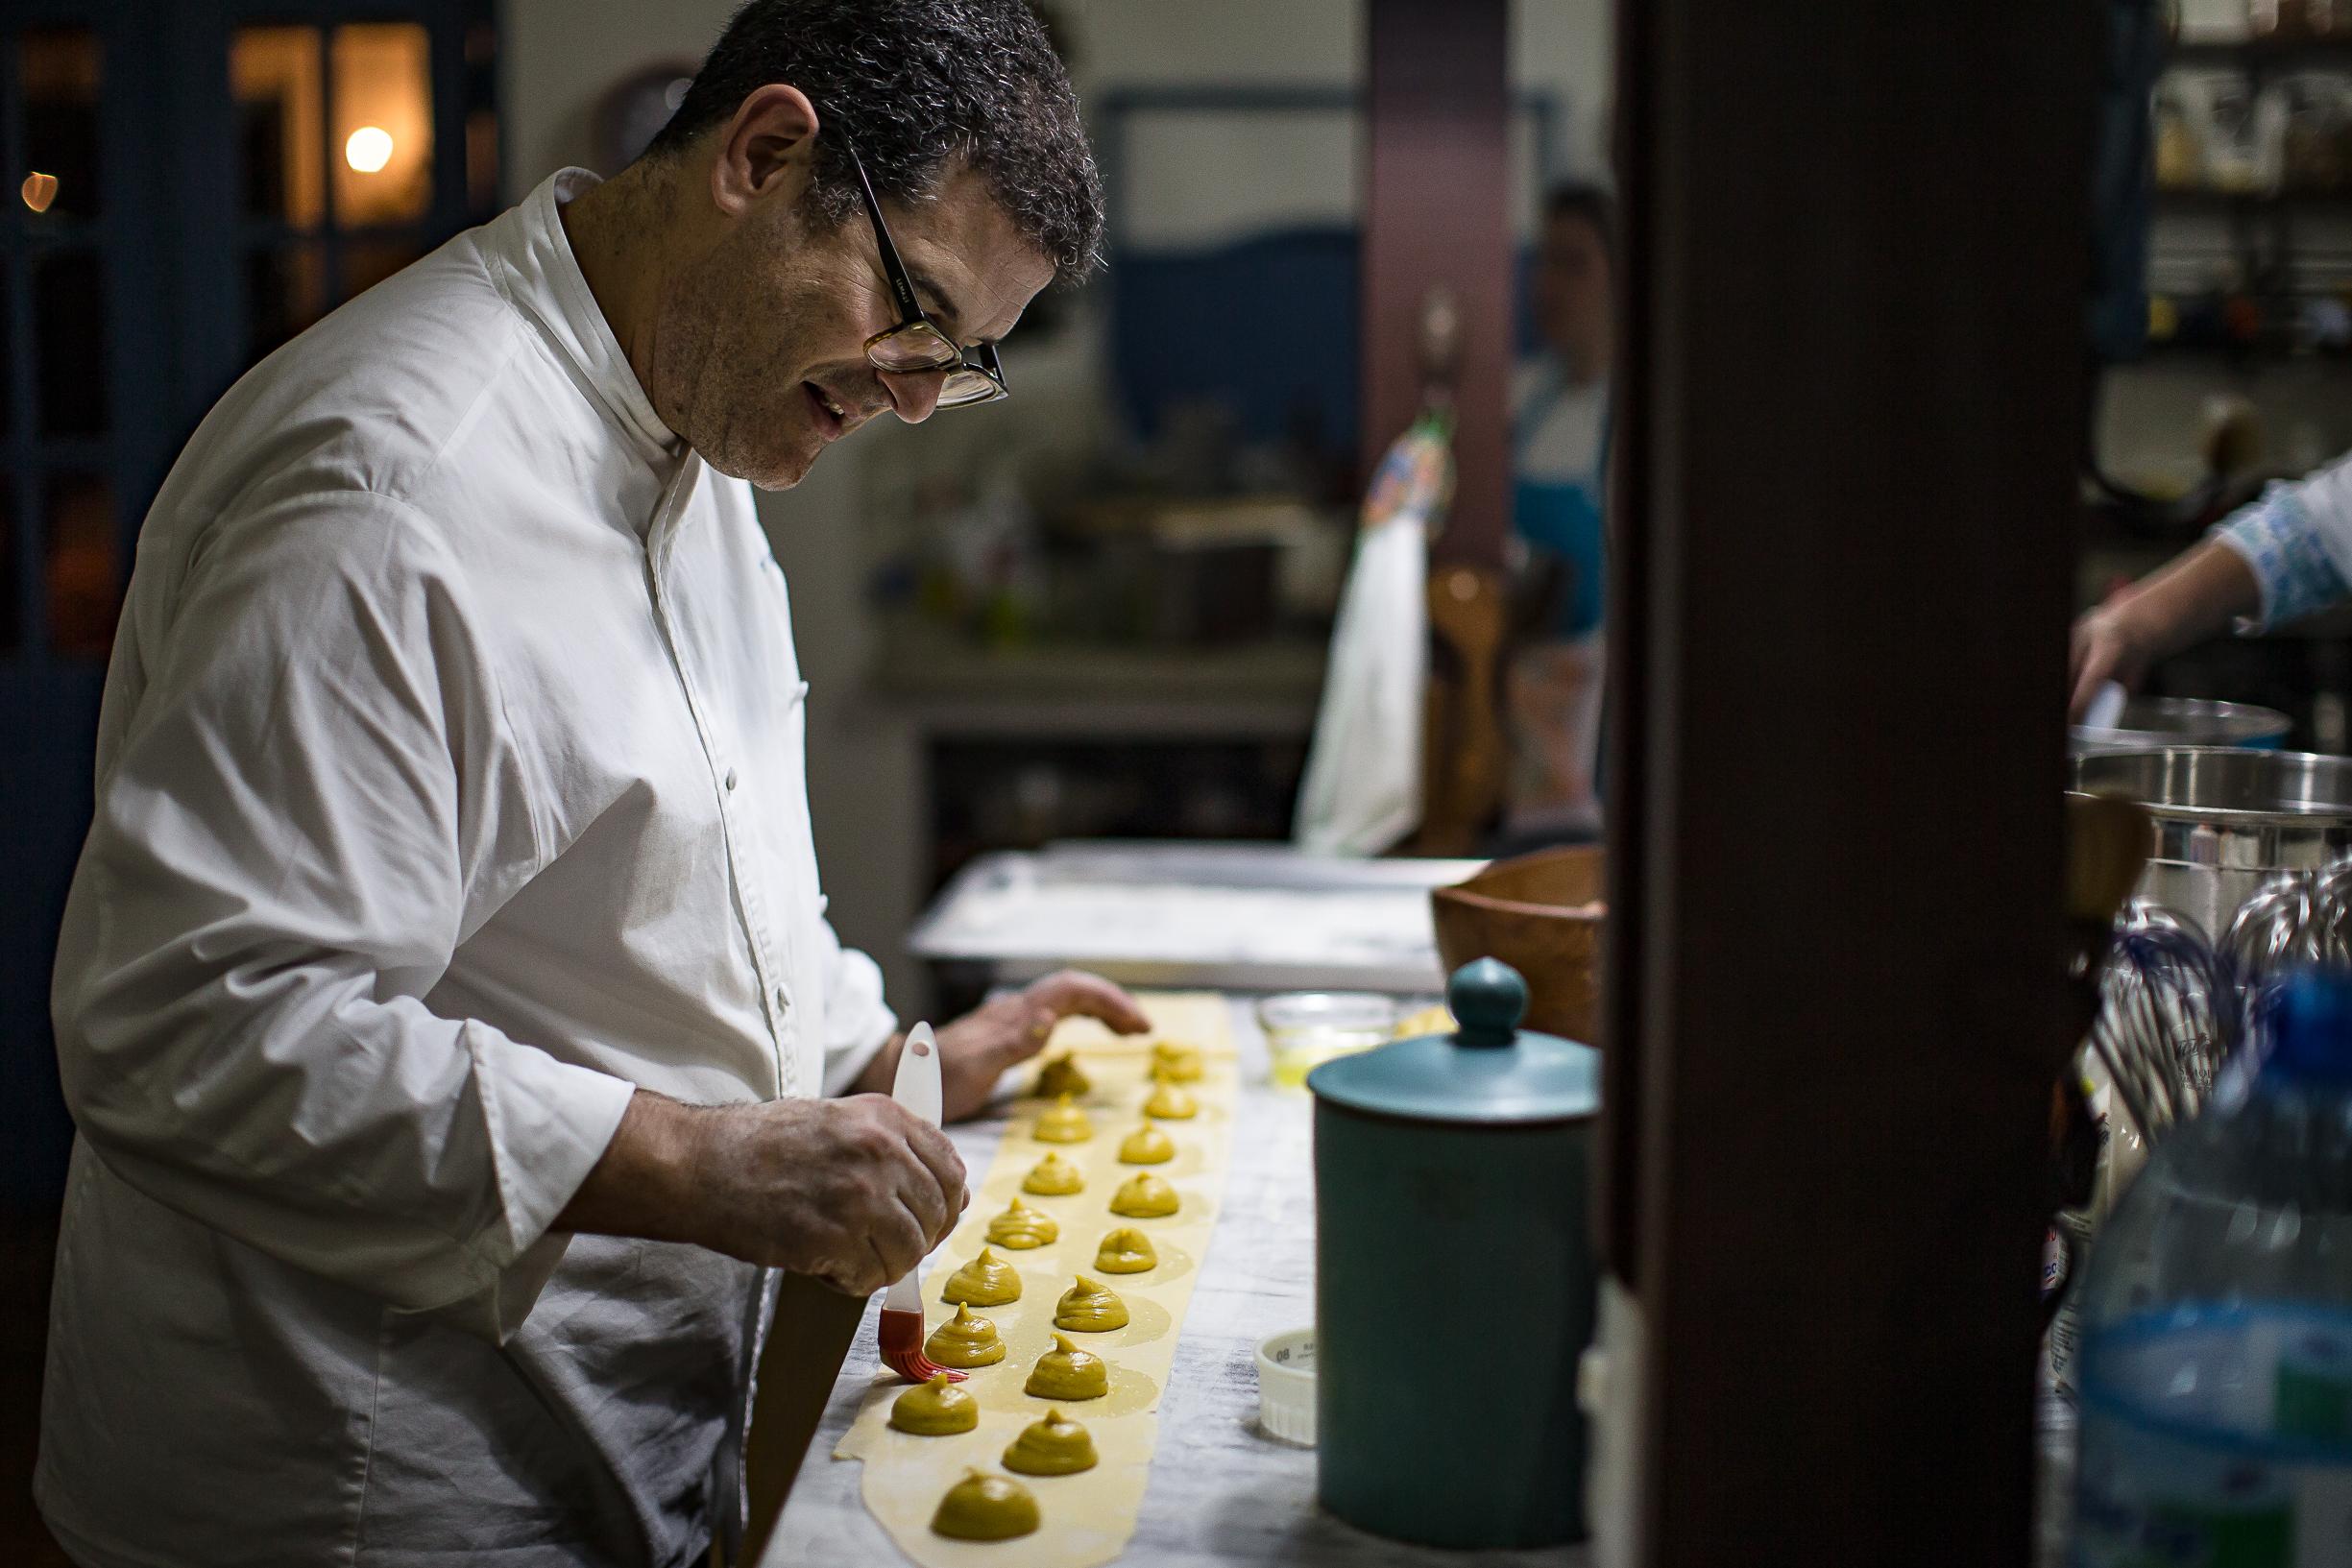 Bistrô Provence   Os ingredientes da roça em receitas contemporâneas, inventivas e de preparo artesanal, criadas pelo chef Ari Kespers